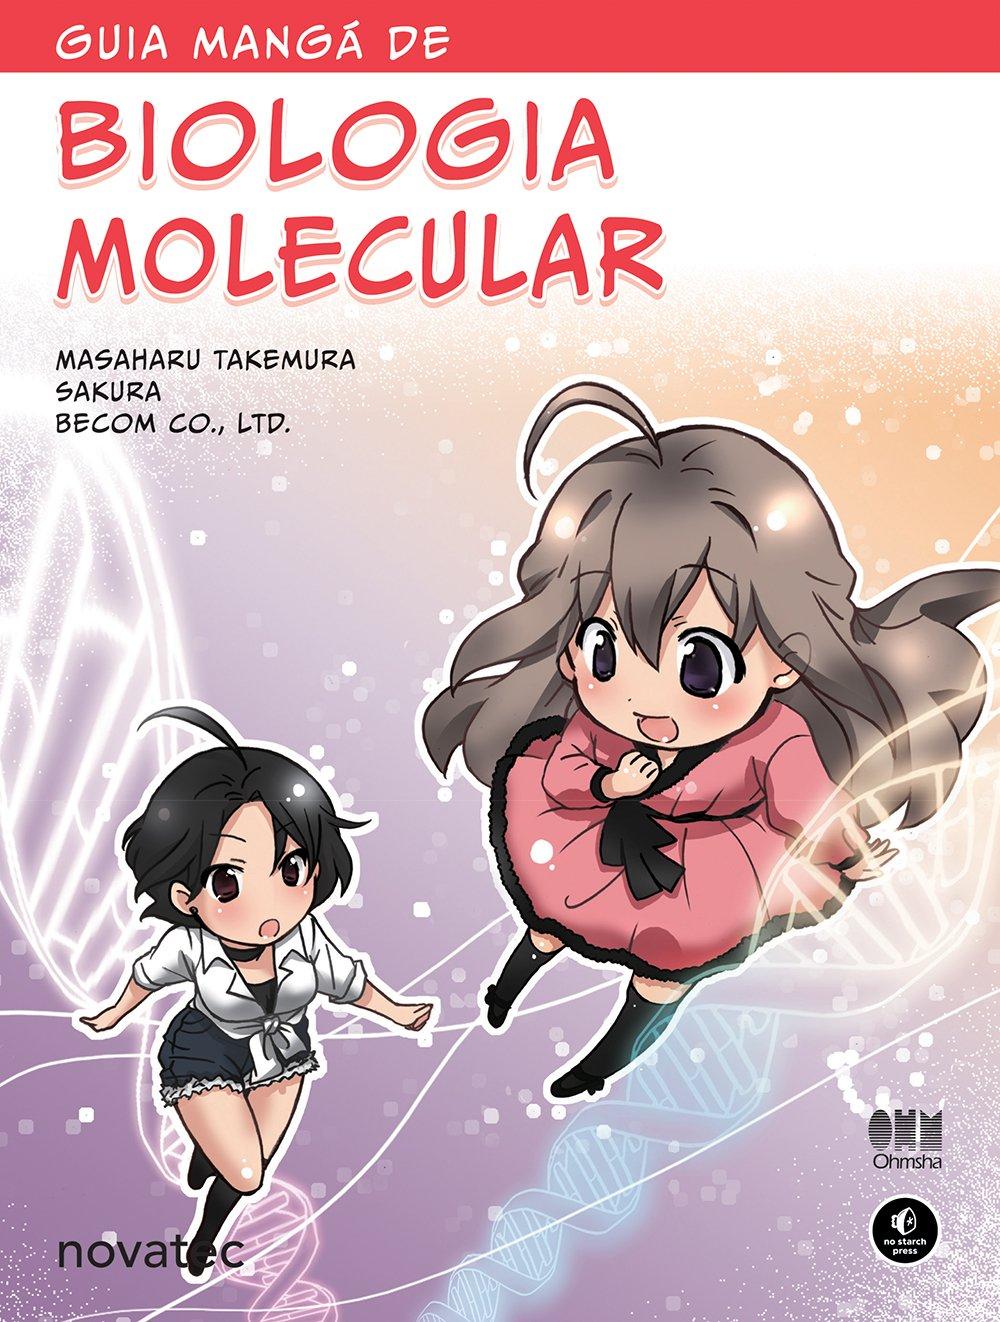 Guia Mangá de Biologia Molecular: Amazon.es: Vários Autores ...